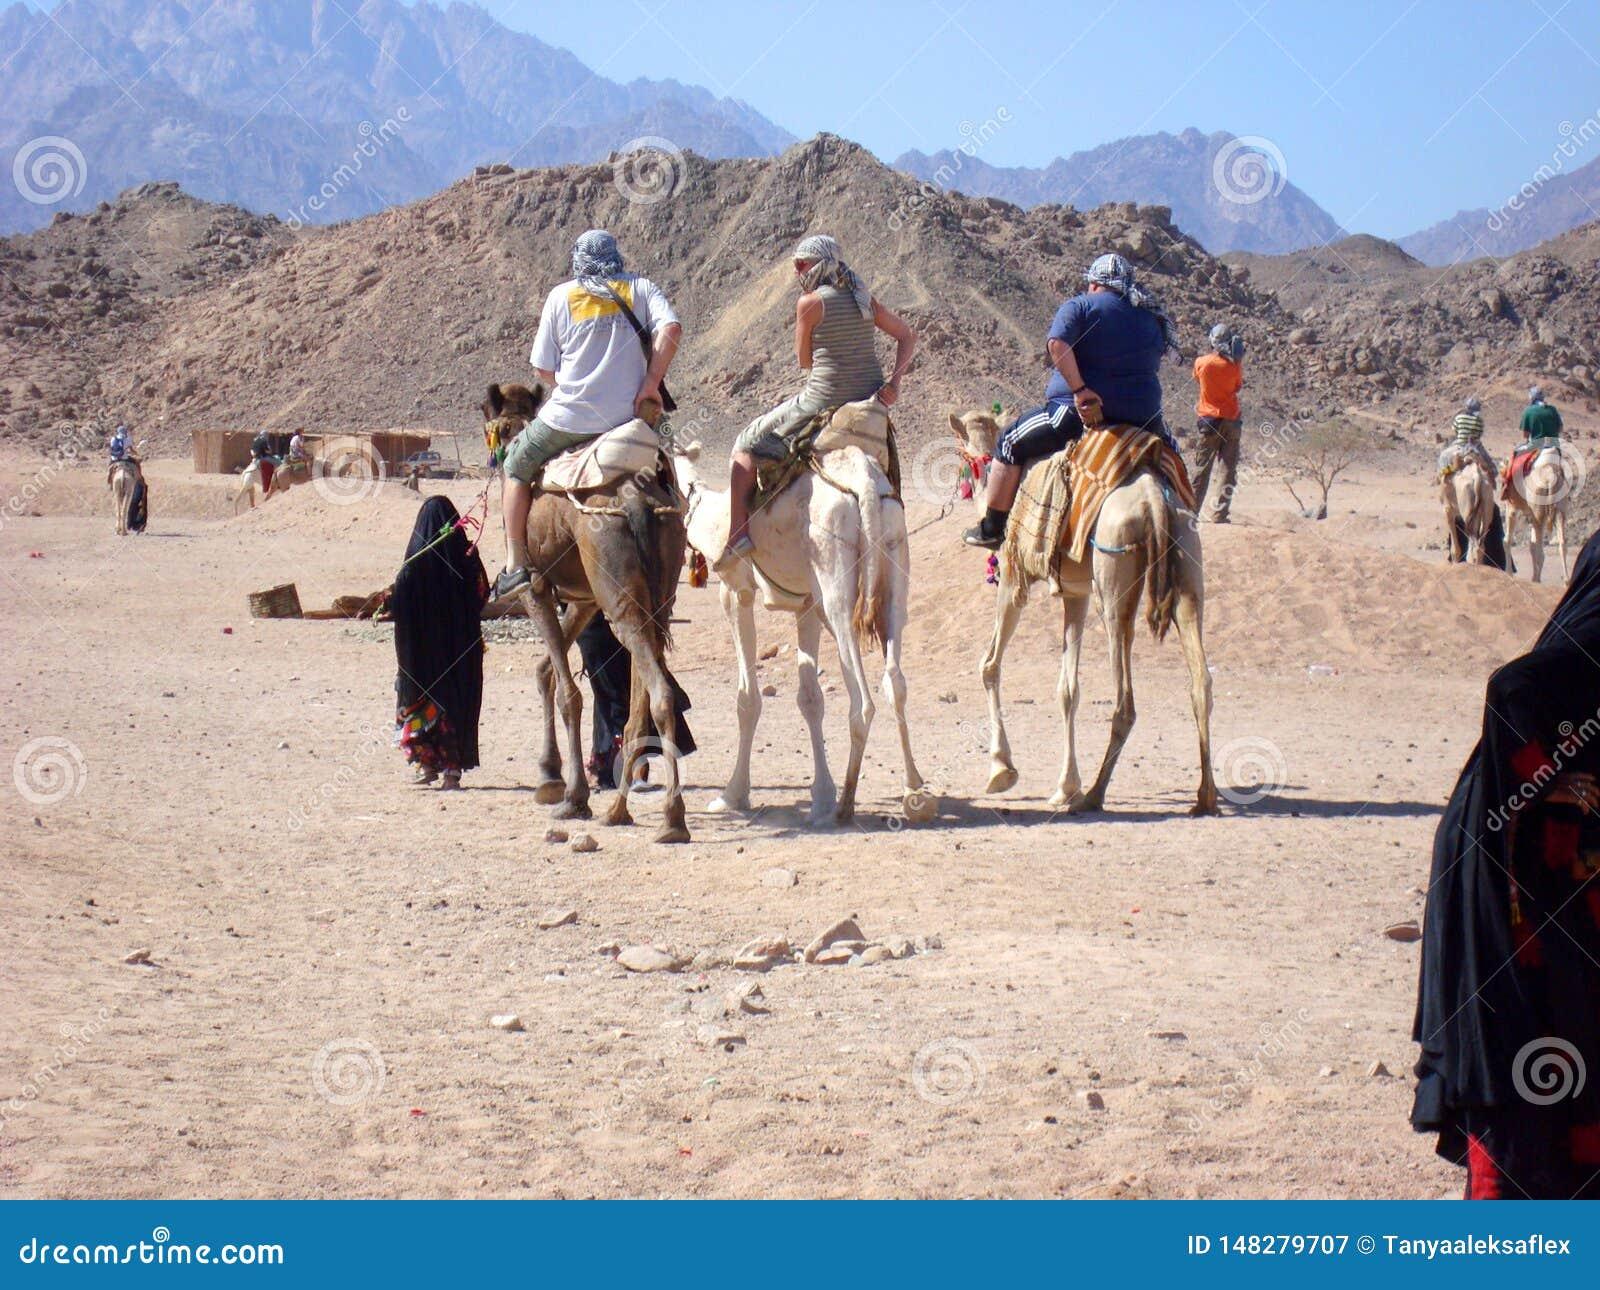 Τρεις τουρίστες οδηγούν στις καμήλες που συνοδεύονται από έναν οδηγό